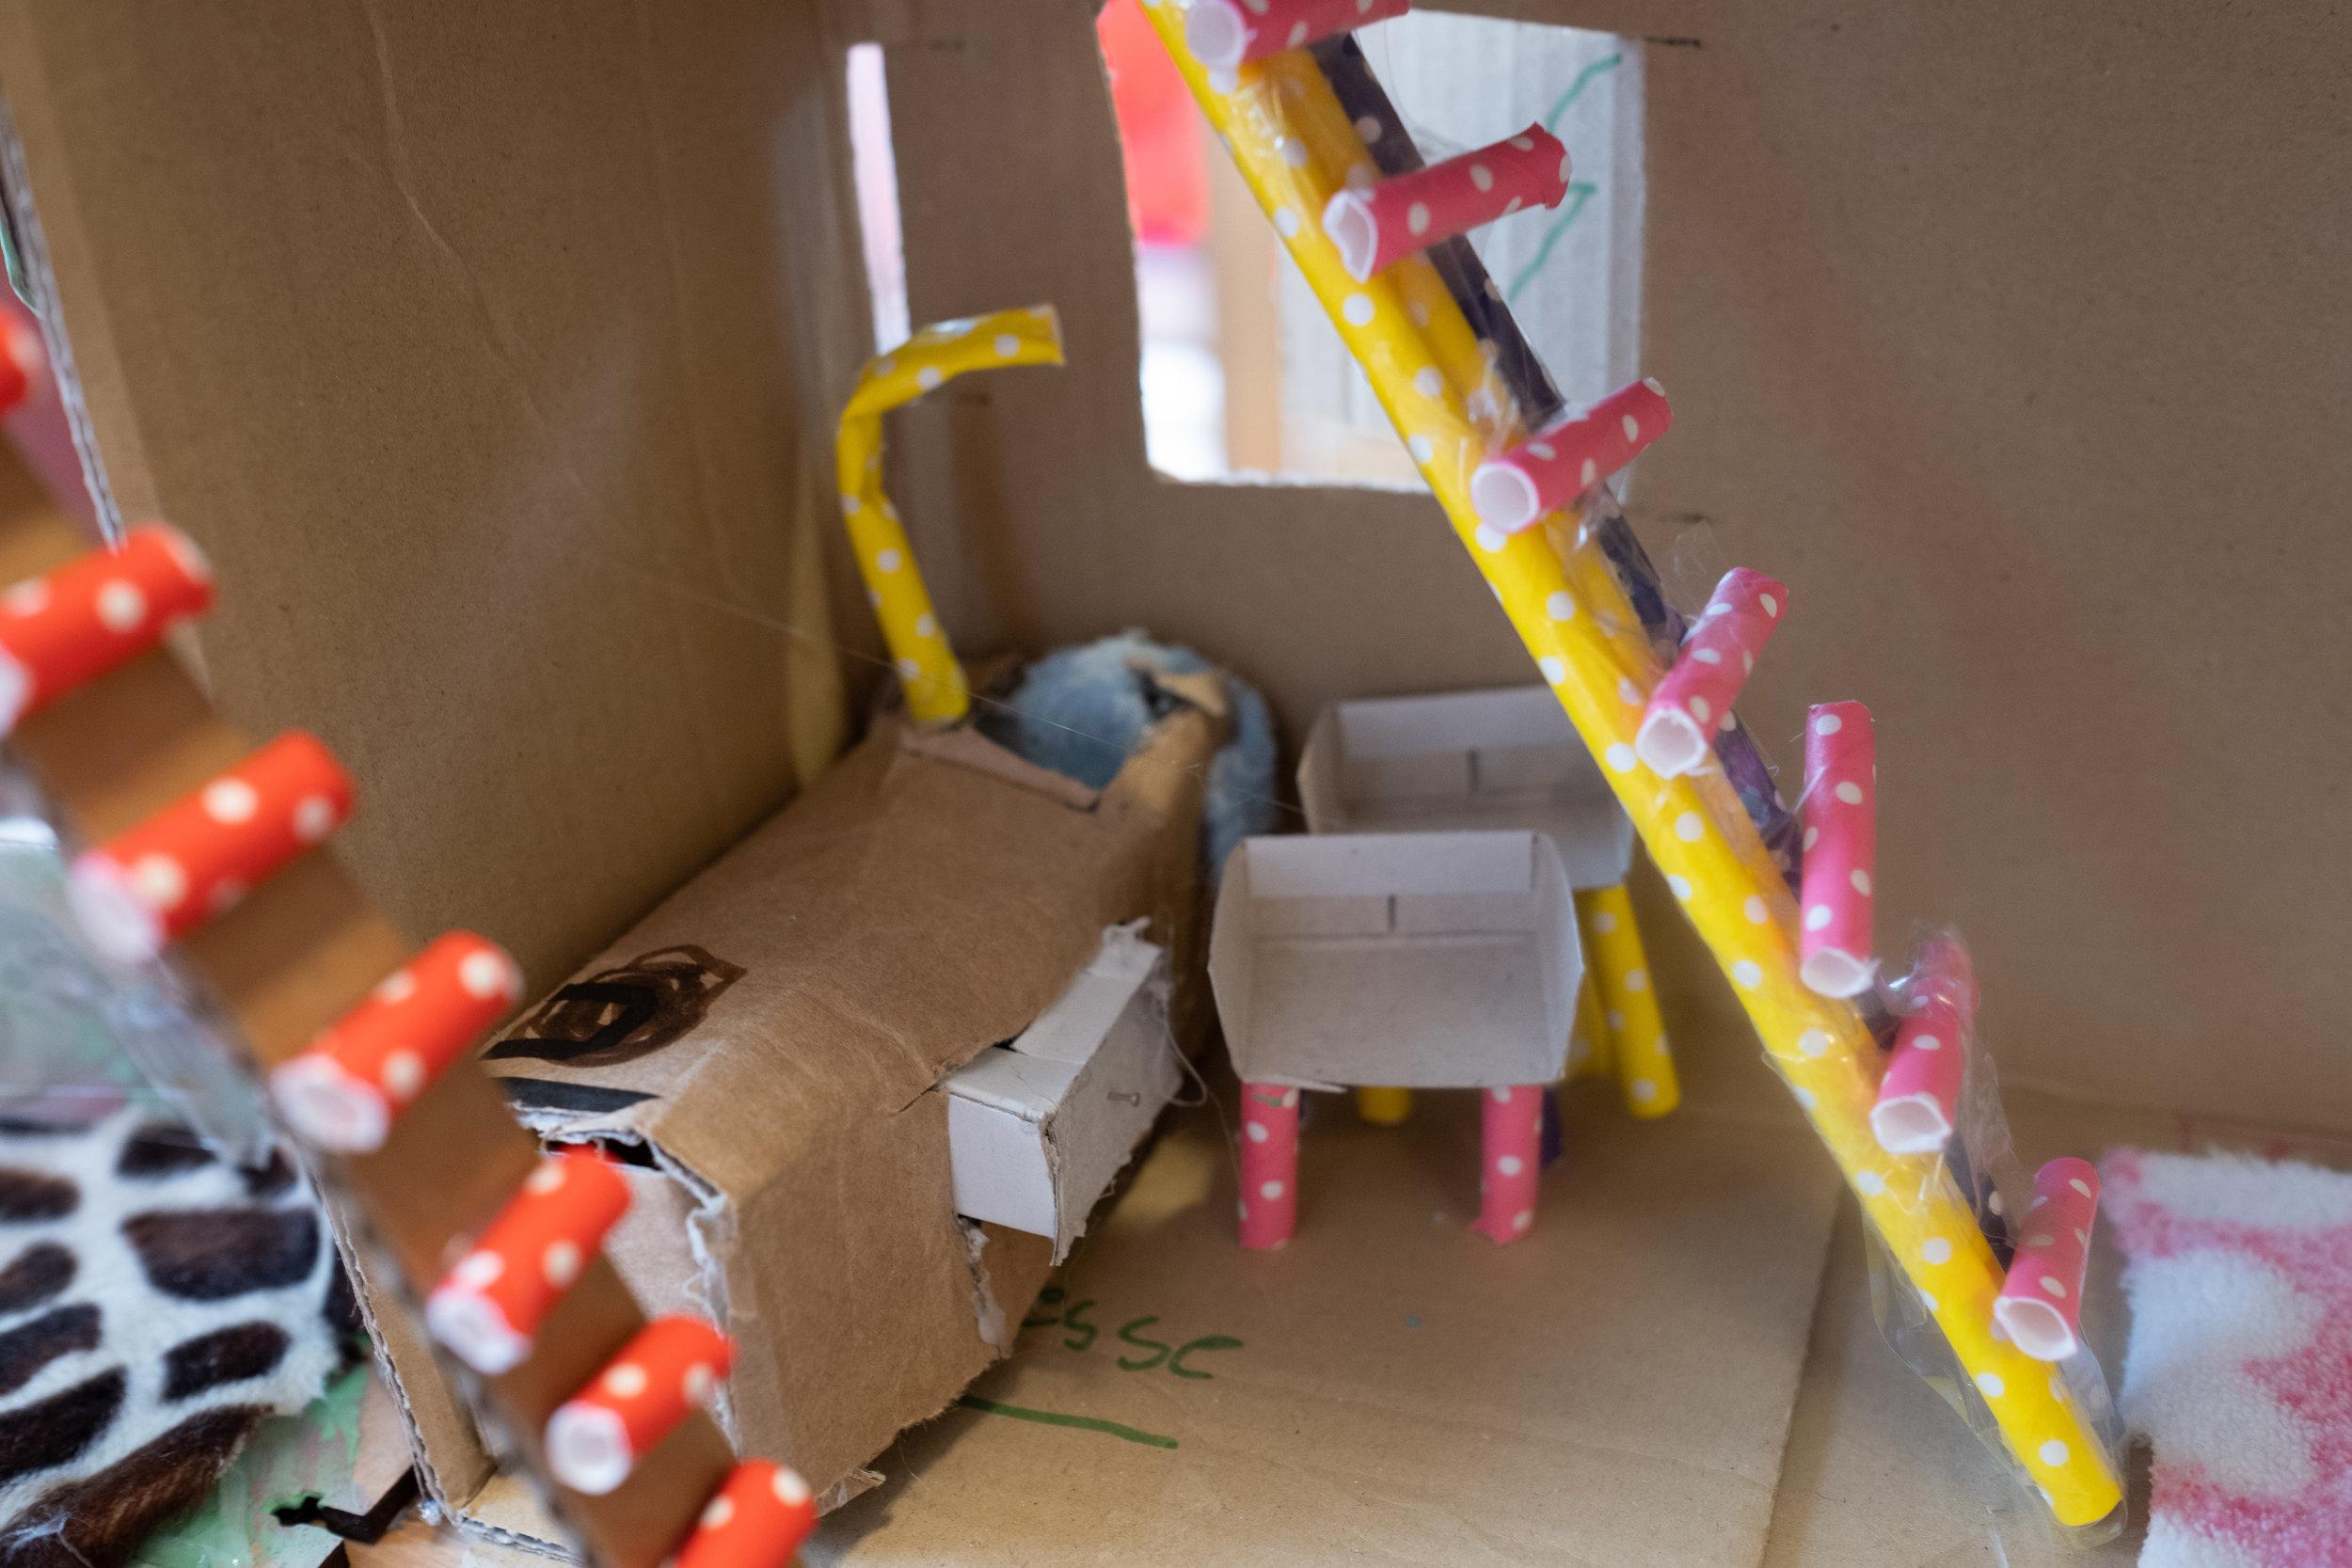 """De keuken  """"Onder de slaapkamer is een keuken, met een lade om spullen in op te bergen. Achteraan zie je een gootsteen en een kraan. Met de twee trappen ben je zo boven!"""""""